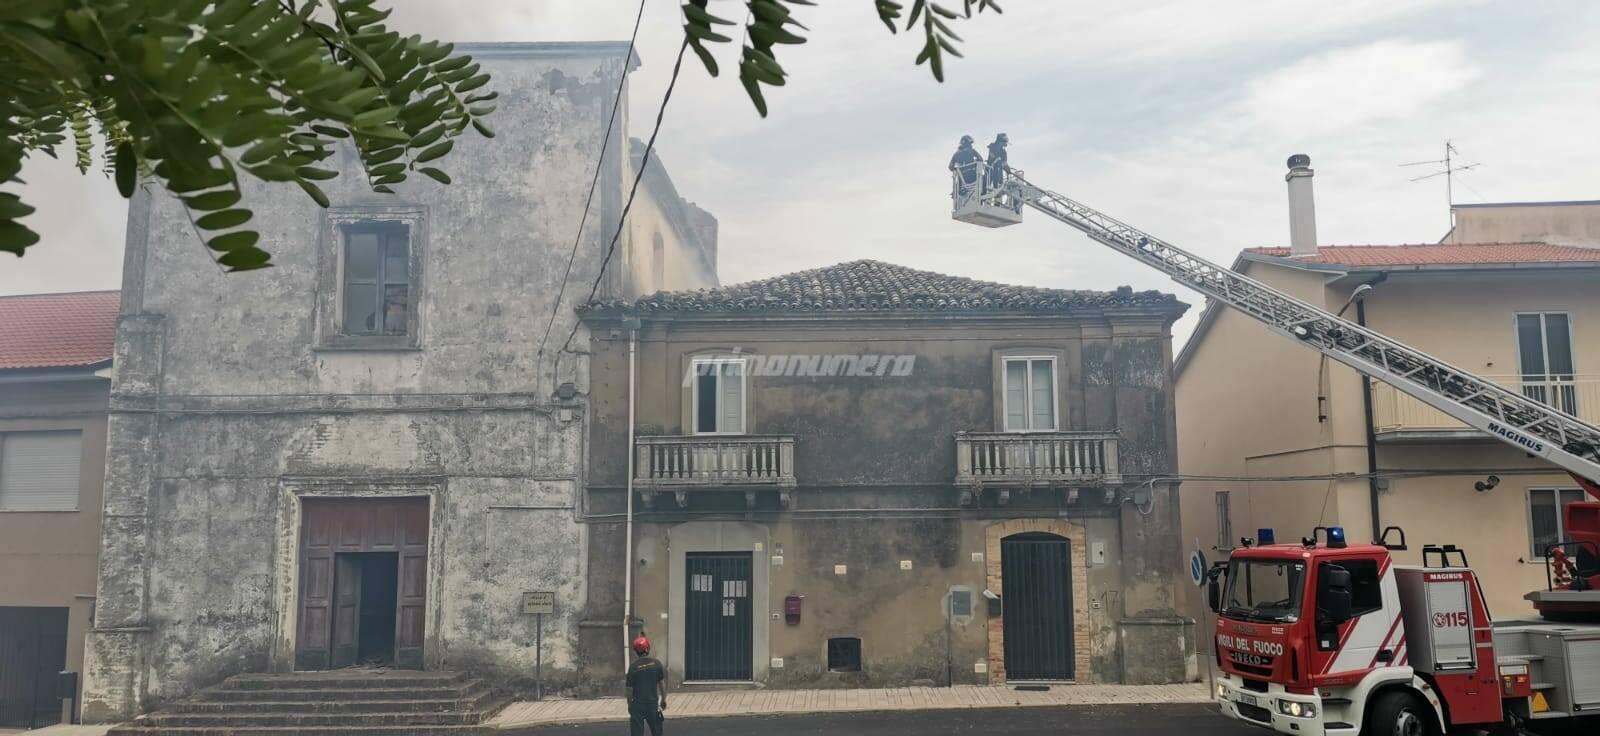 chiesa s. antonio abate a fuoco Incendio a Guglionesi